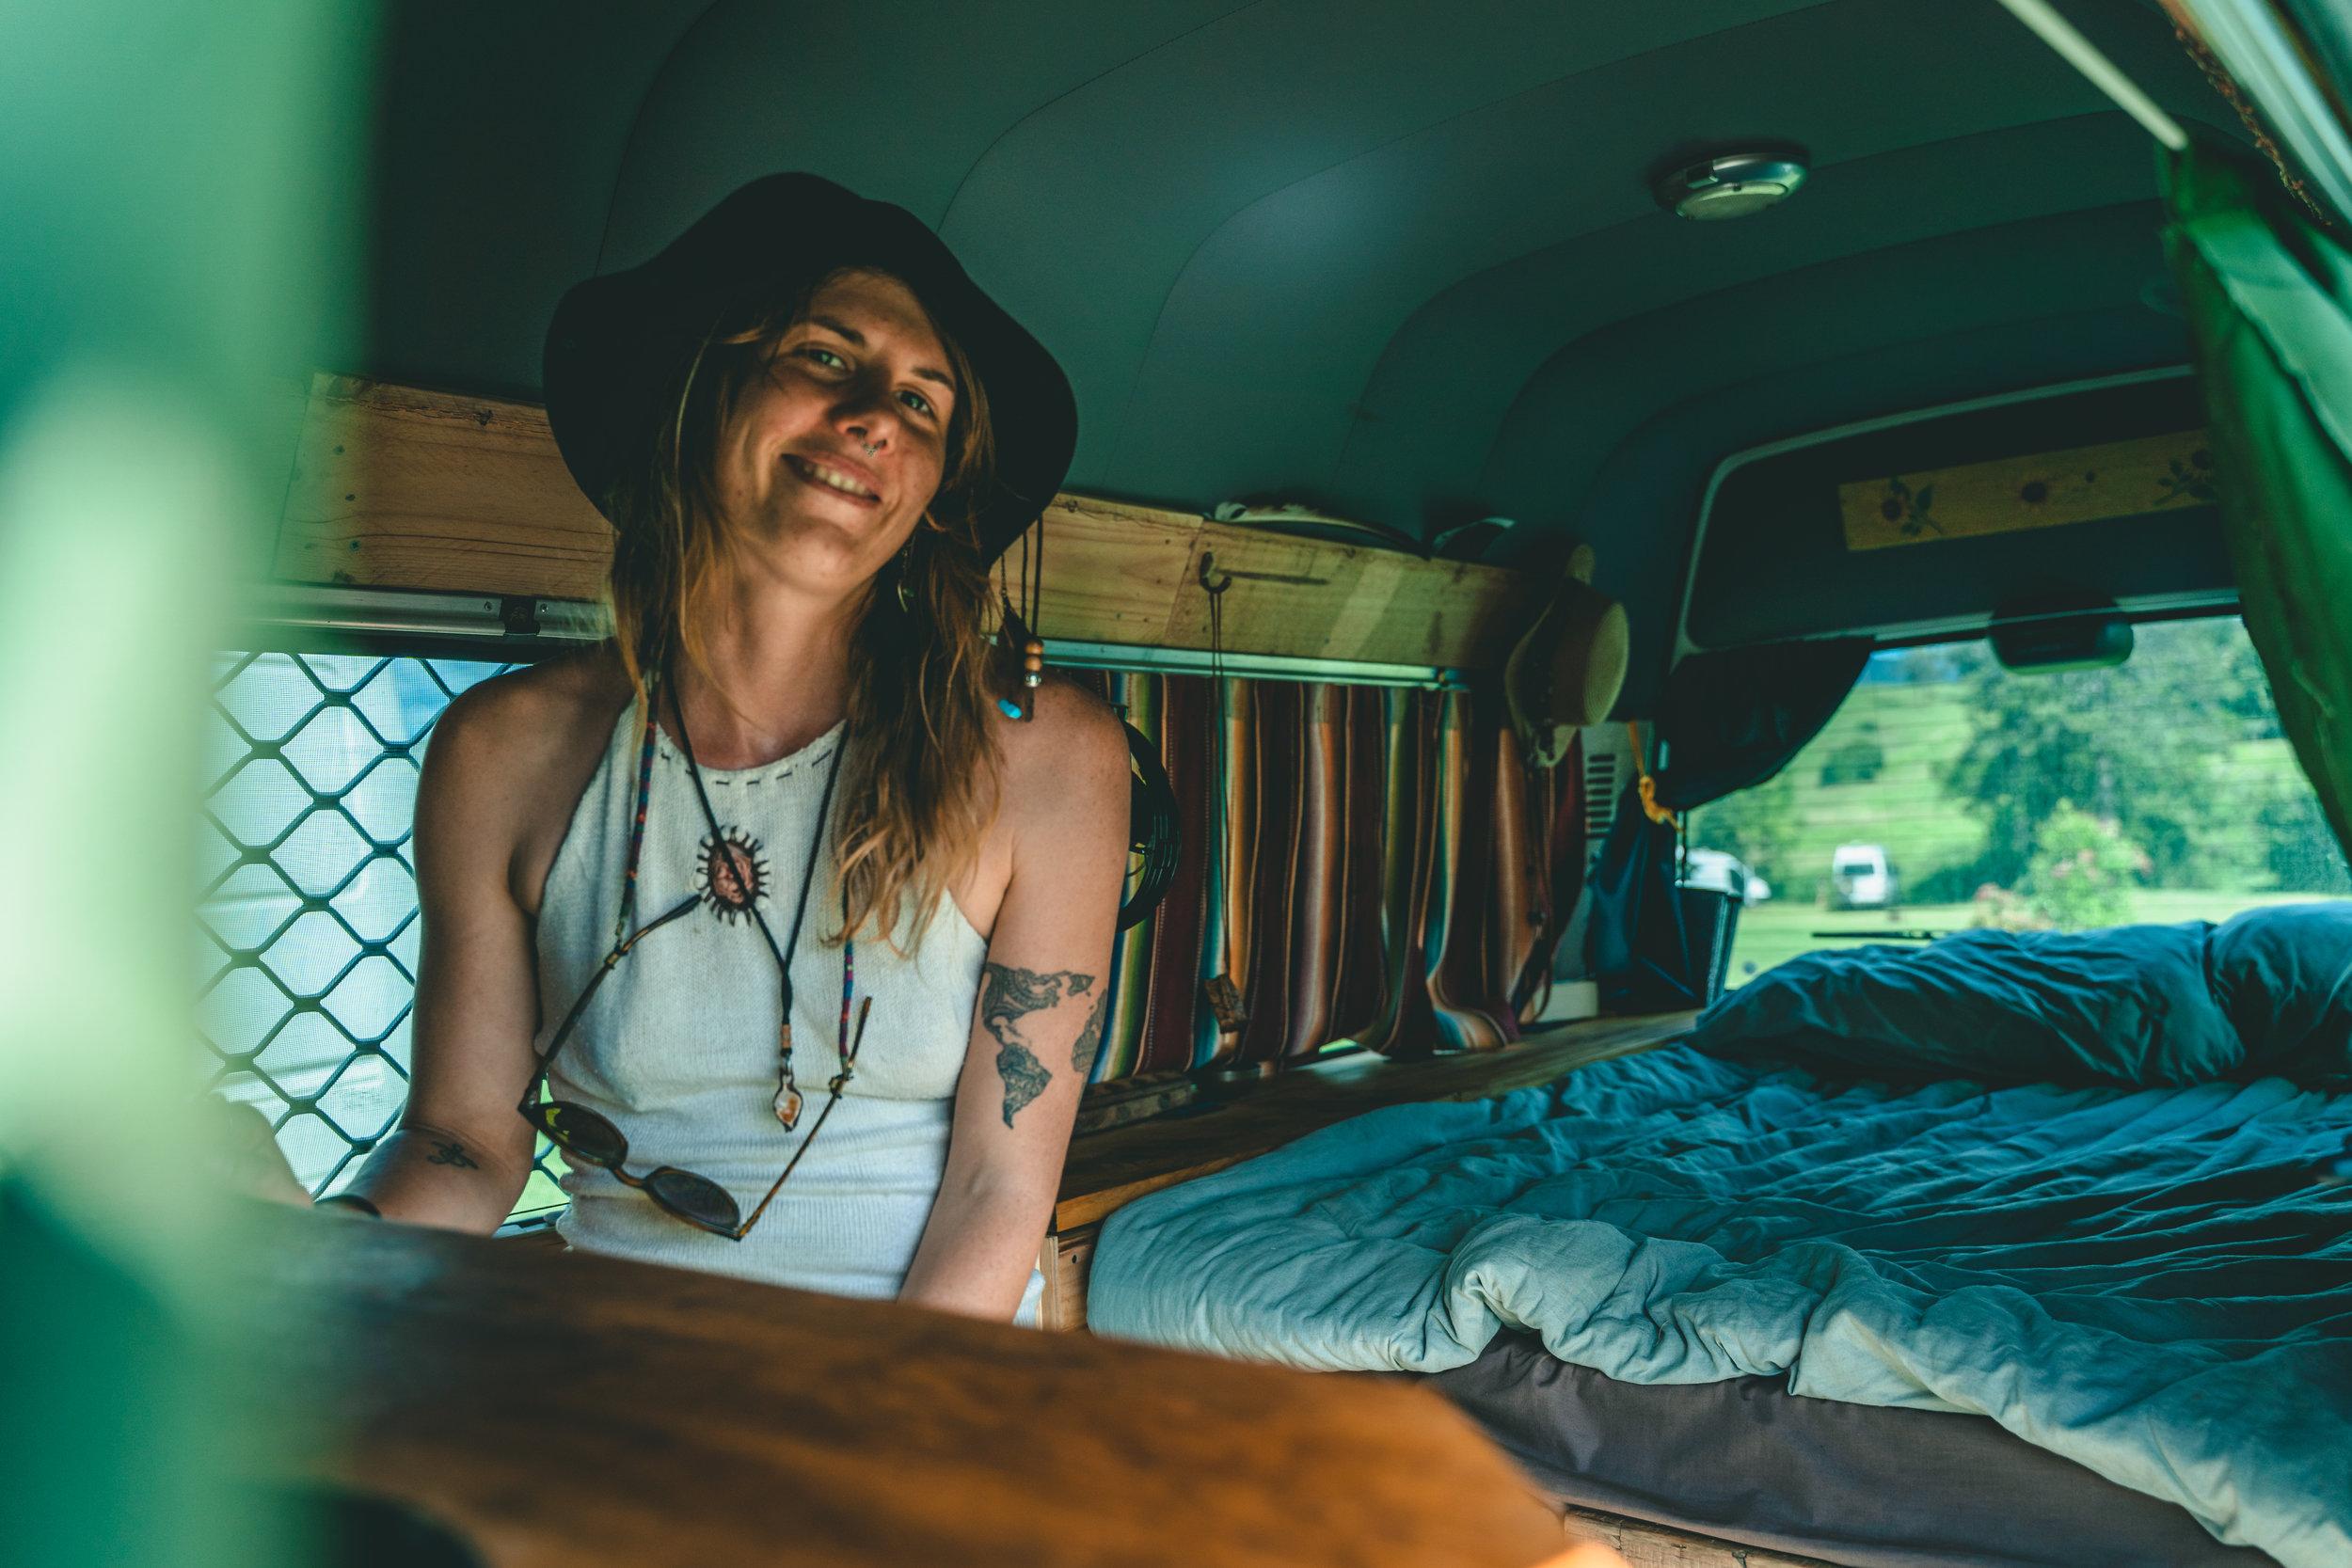 Soph Brock hanging in her van 'Creature'.  Photography -  @alexjamesbowen